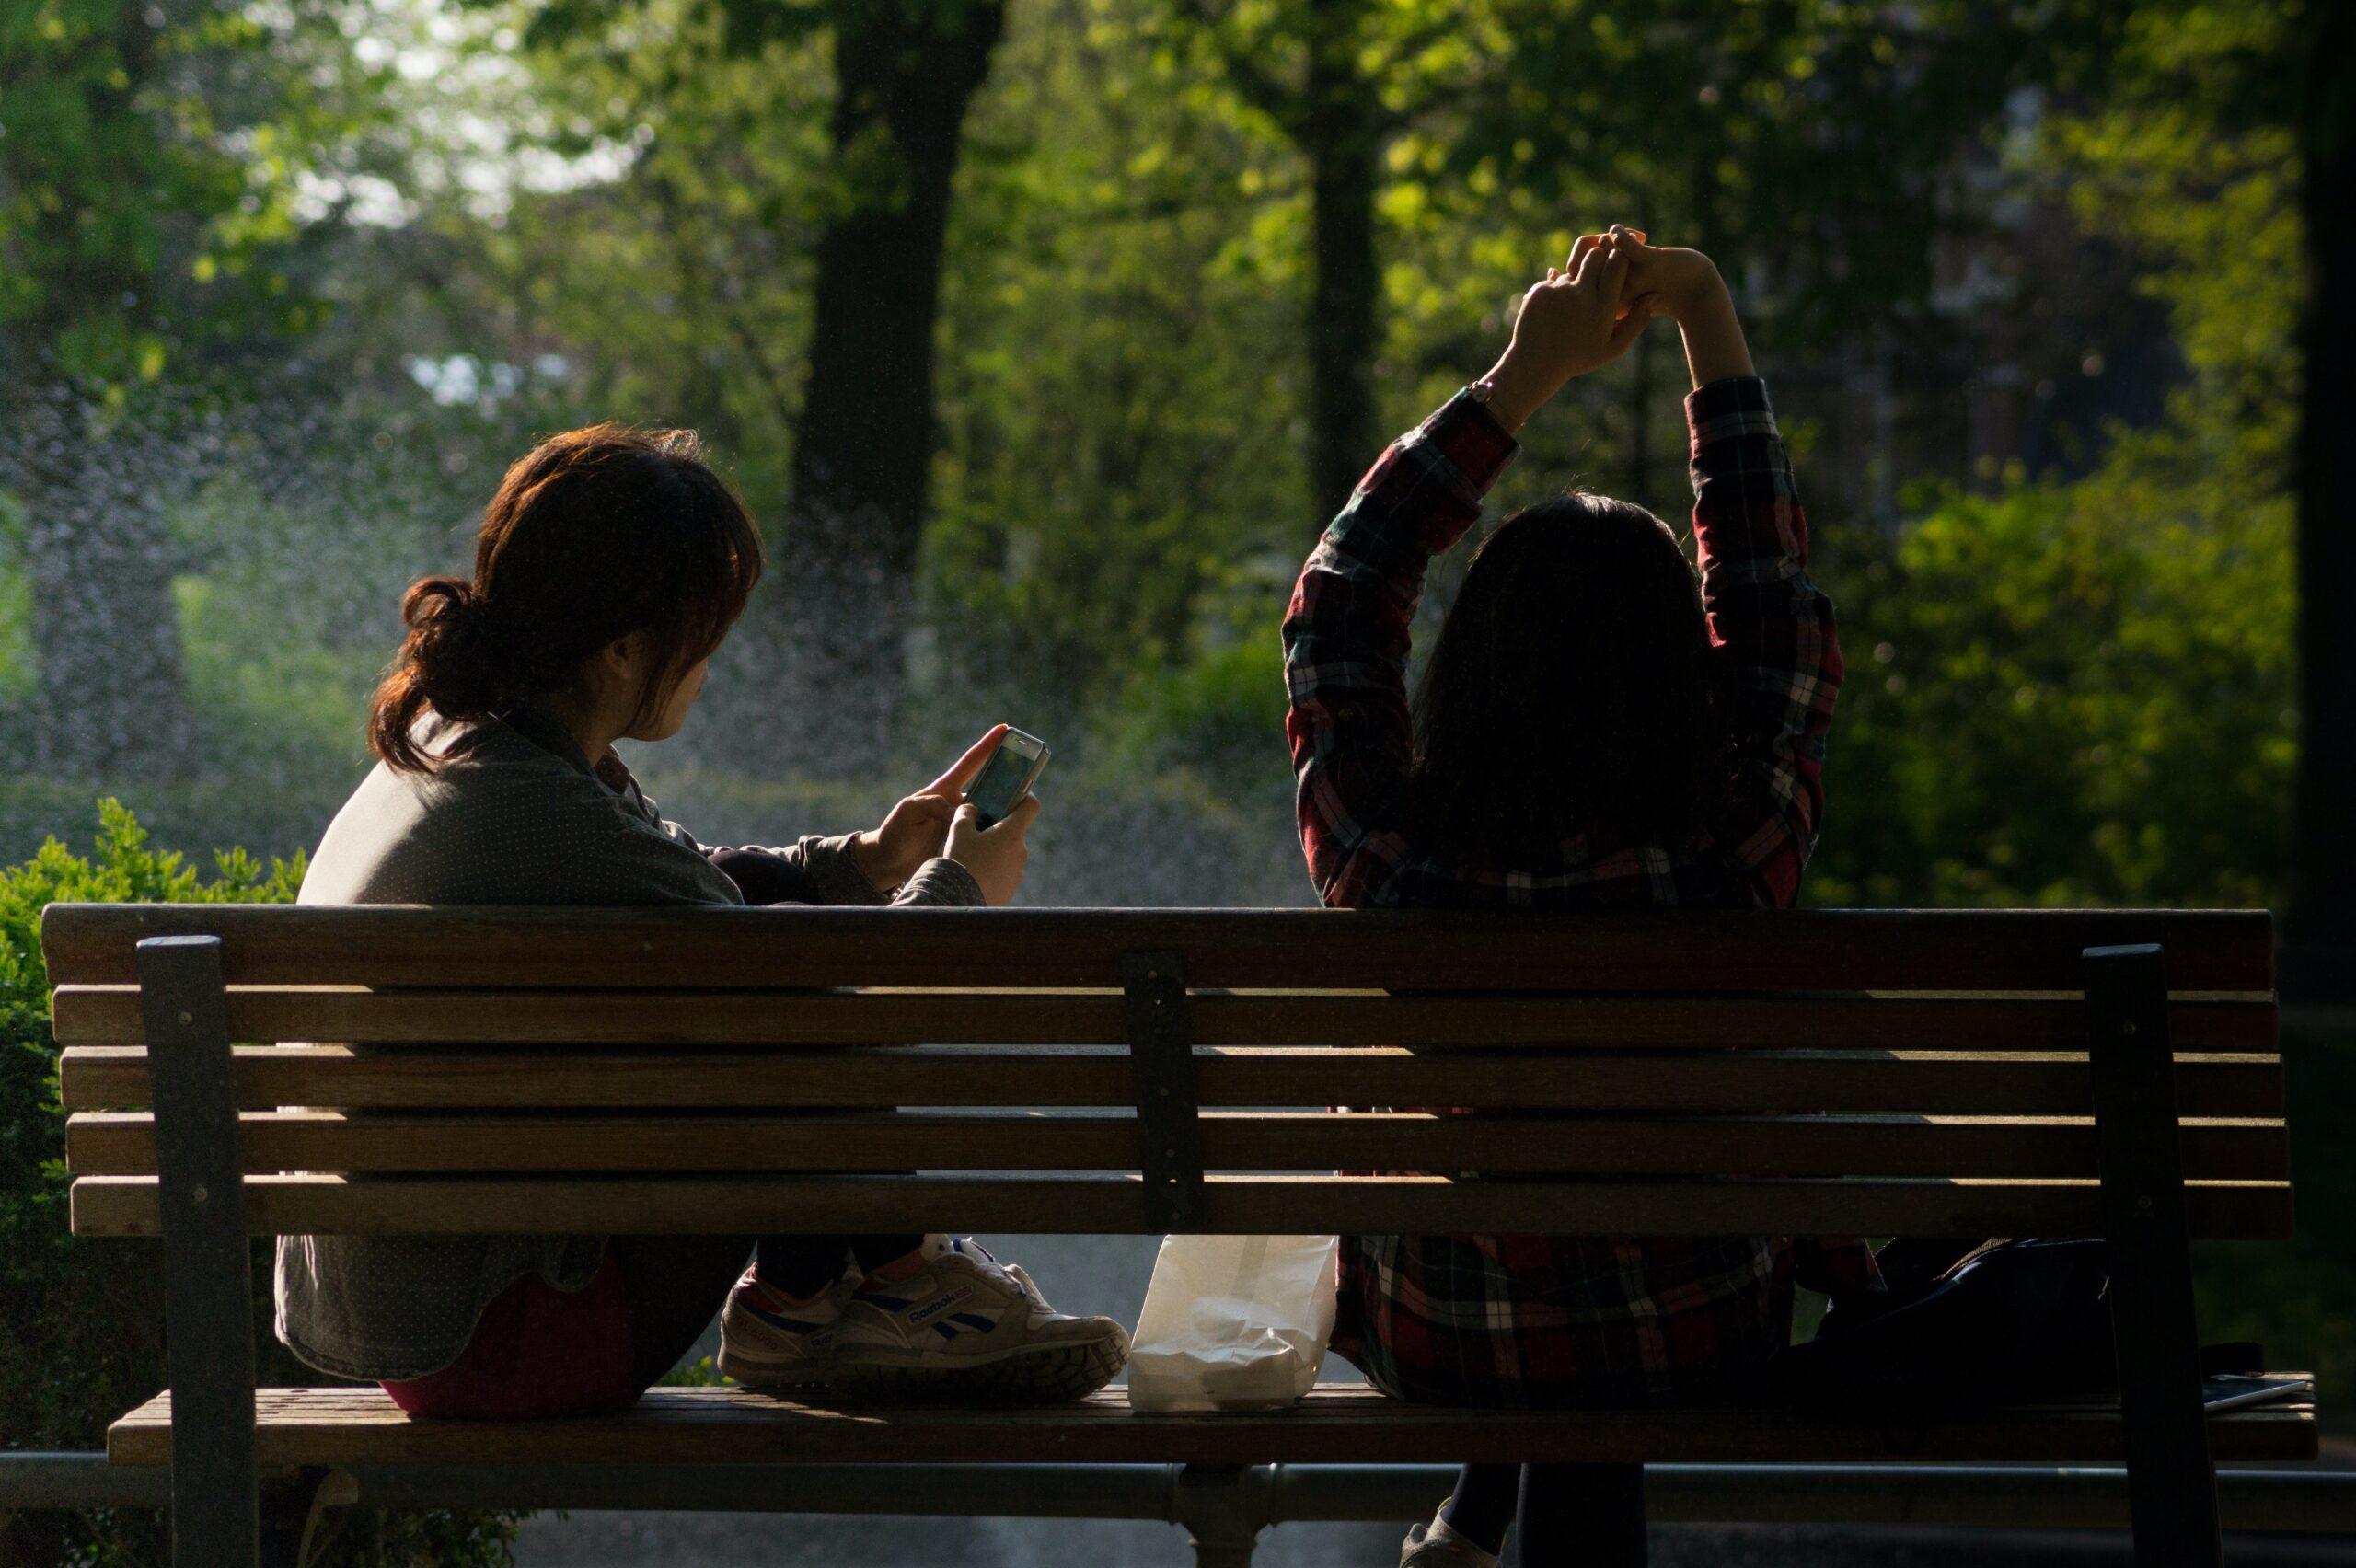 Qigong i Botaniska trädgården (dekorativ bild)